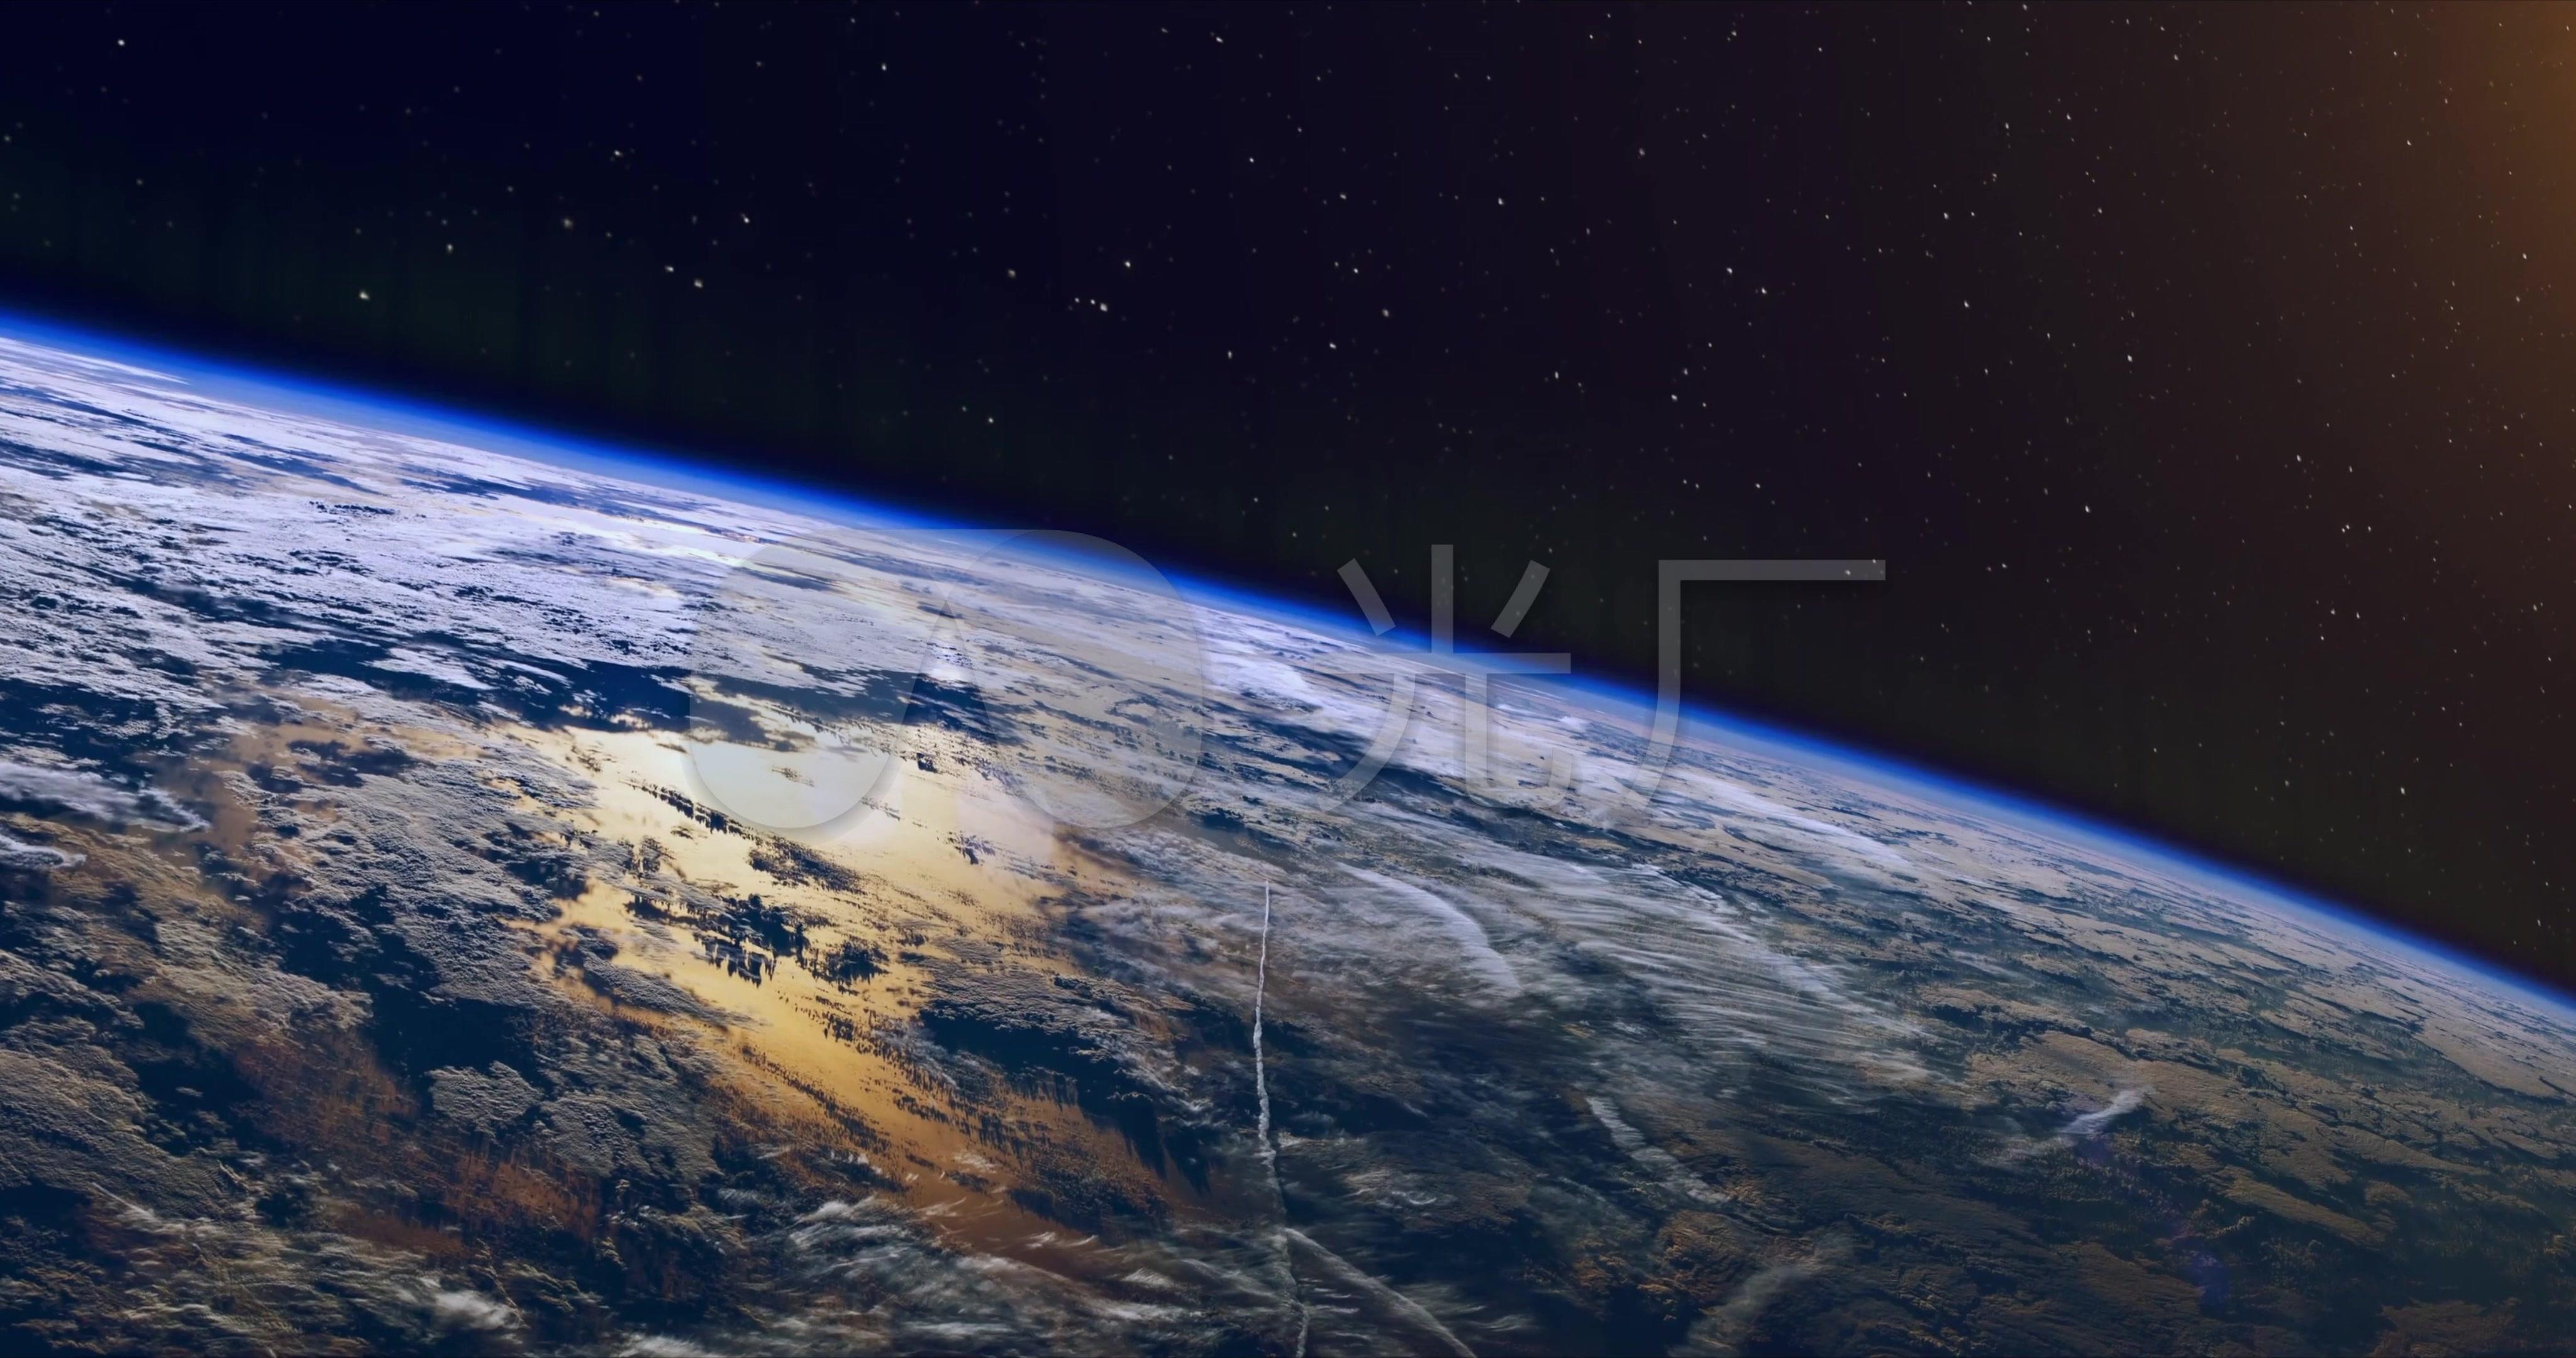 宇宙星空4k_4096x2160_高清视频素材下载(编号:)_影视